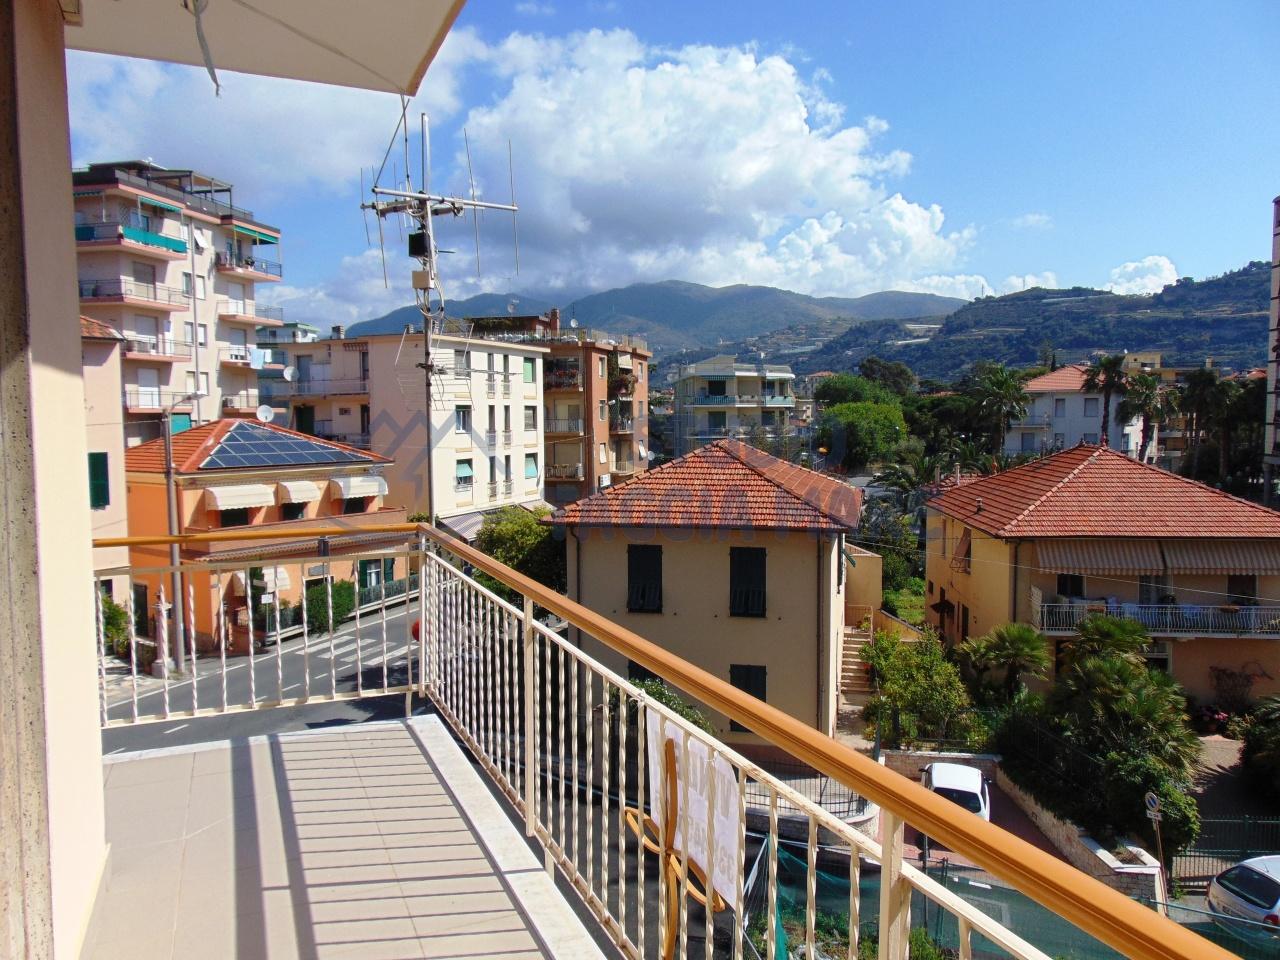 Appartamento in vendita a Taggia, 4 locali, prezzo € 250.000 | Cambio Casa.it